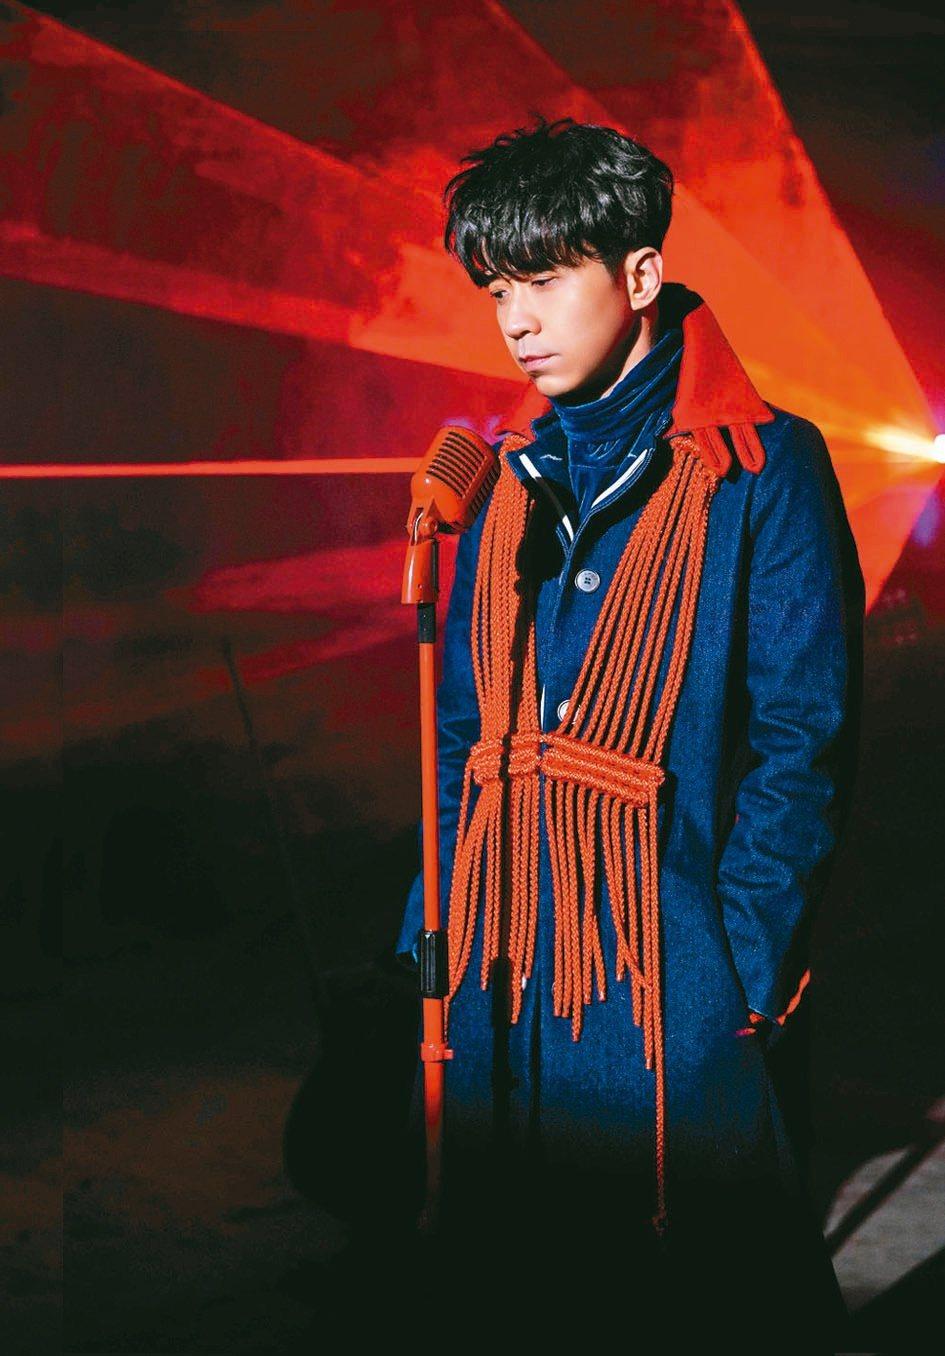 光良推出新歌「反方向」 圖/星娛音樂 提供